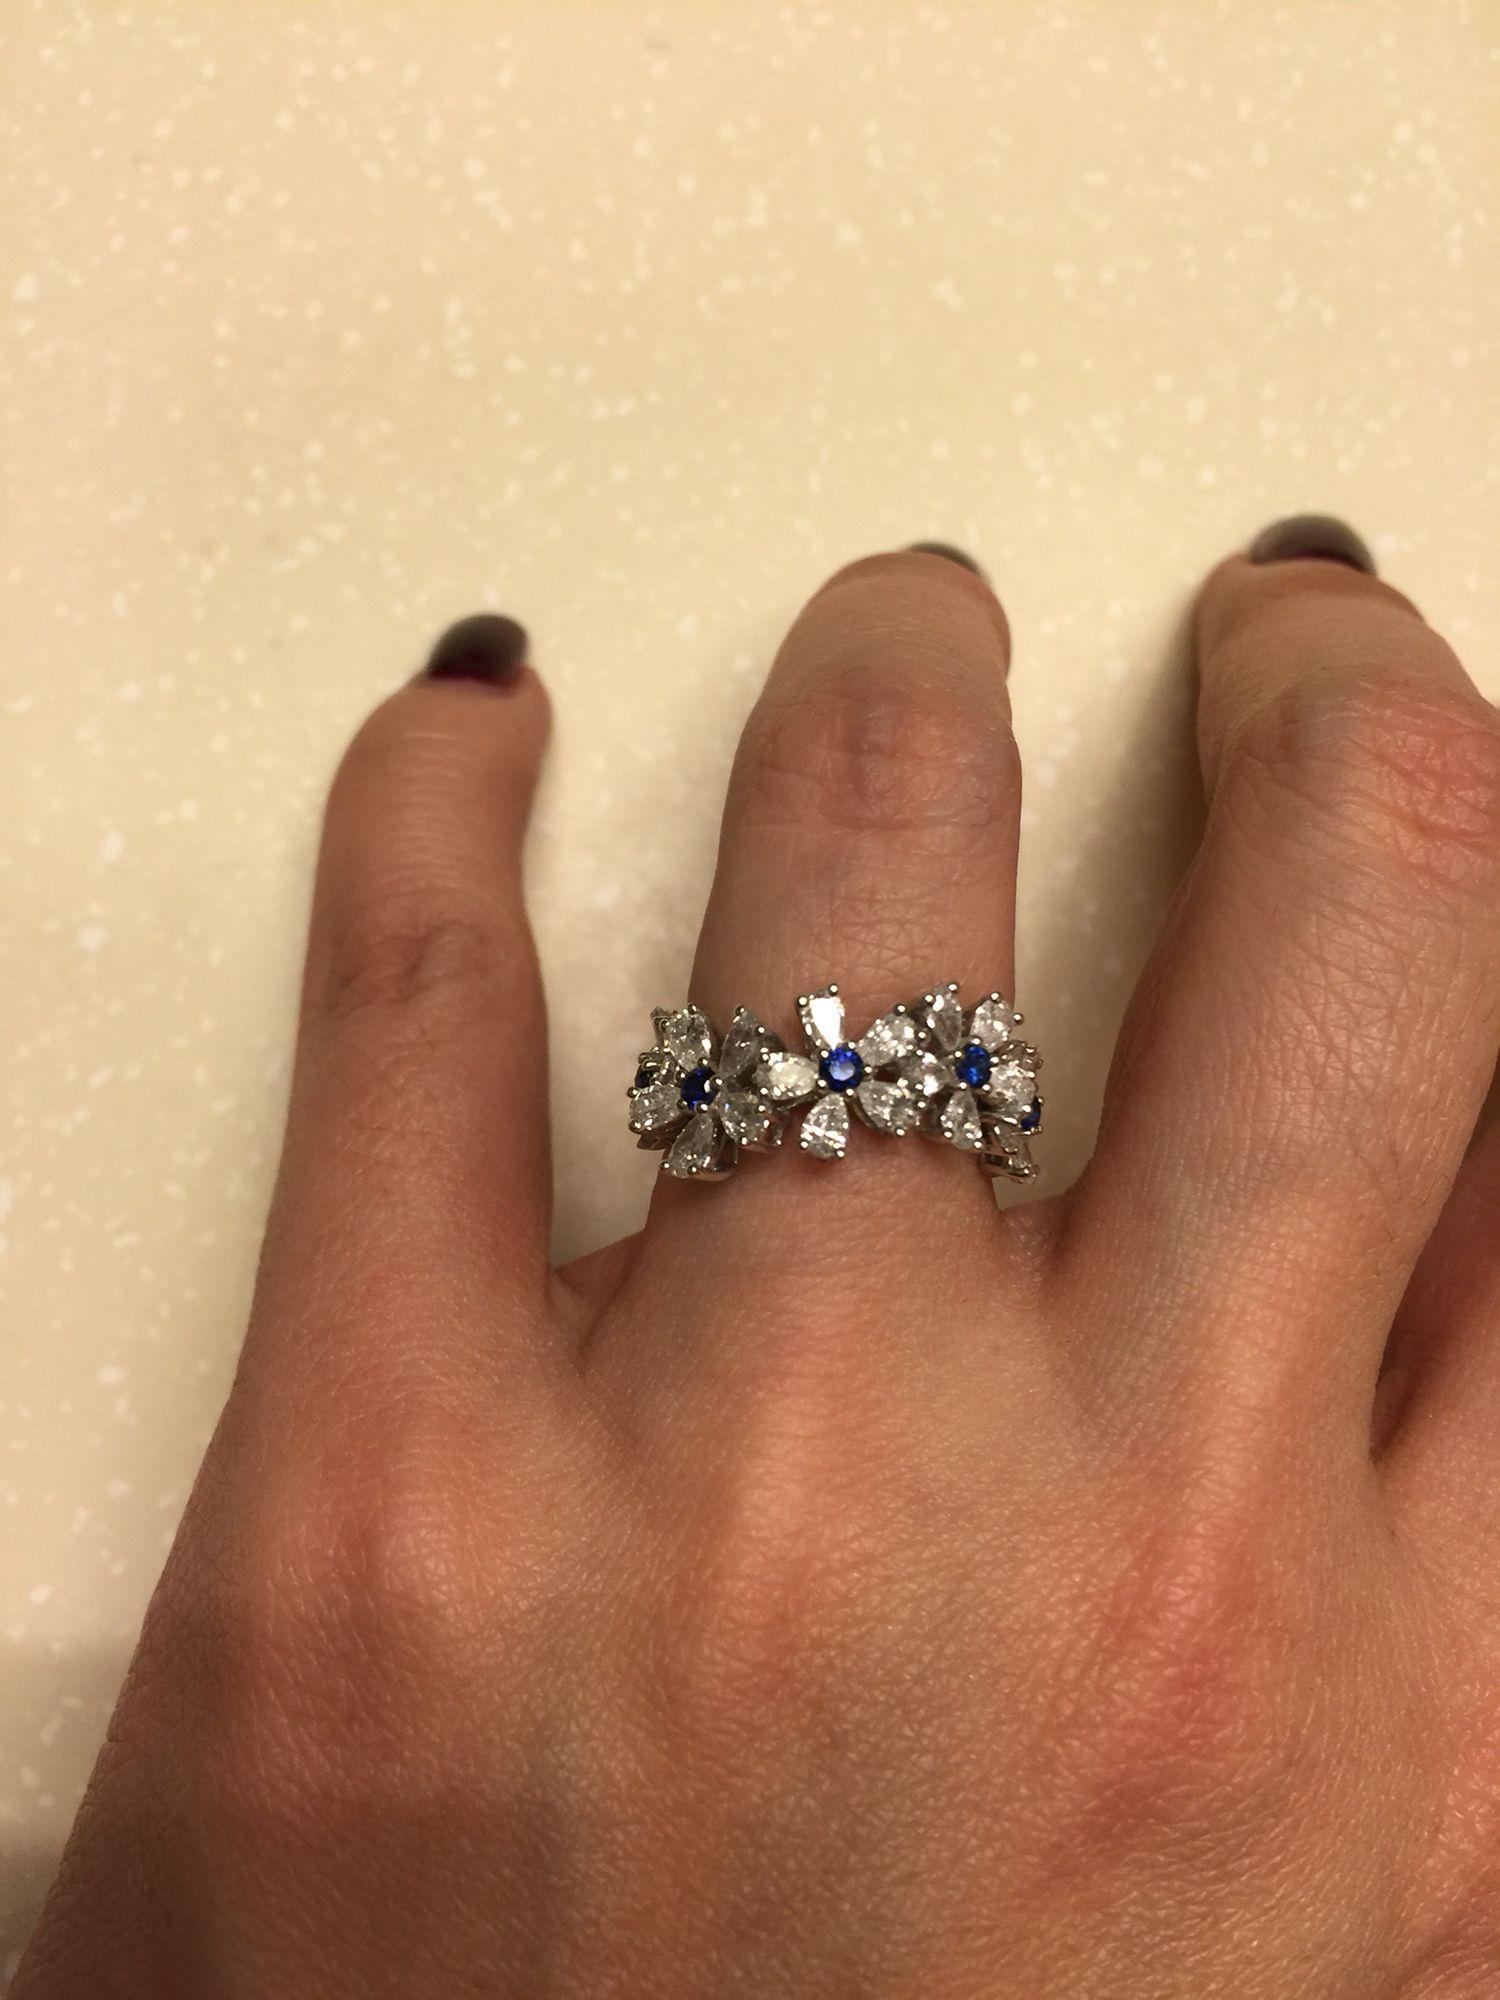 Beautiful diamond and sapphire small flowers band